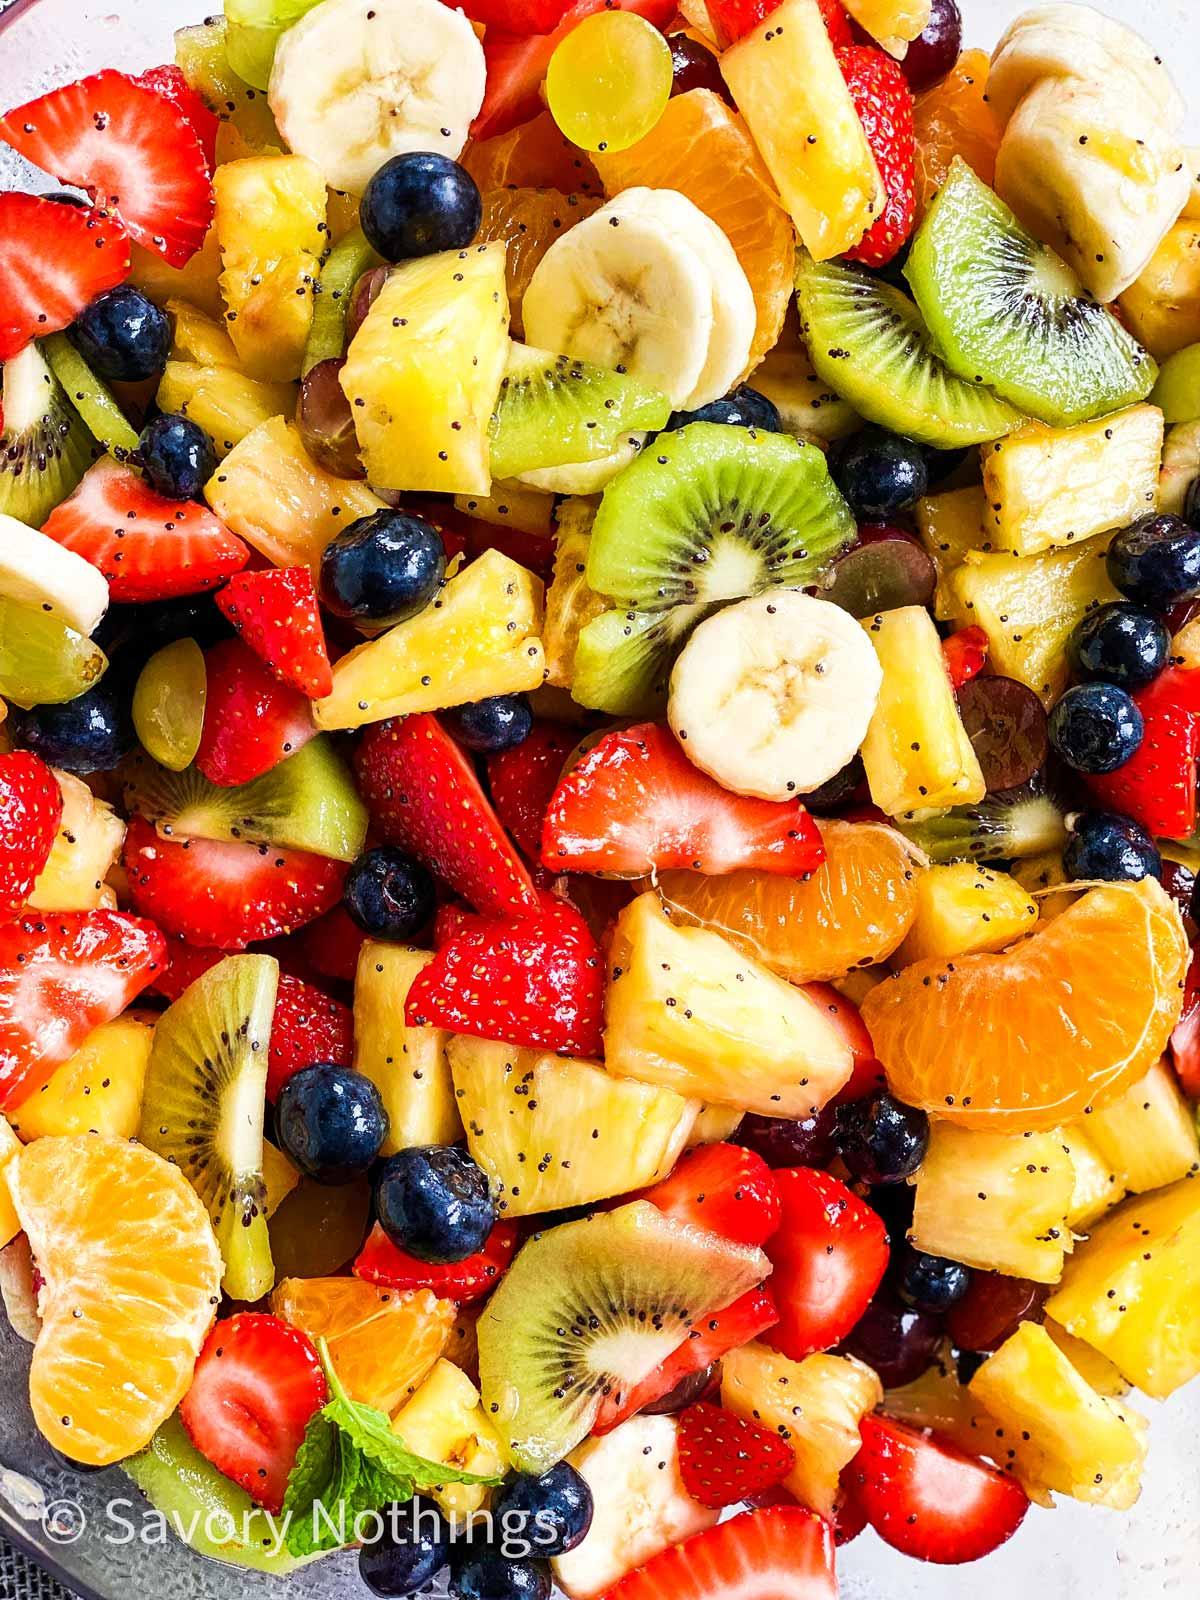 egy friss gyümölcssaláta képe mellett